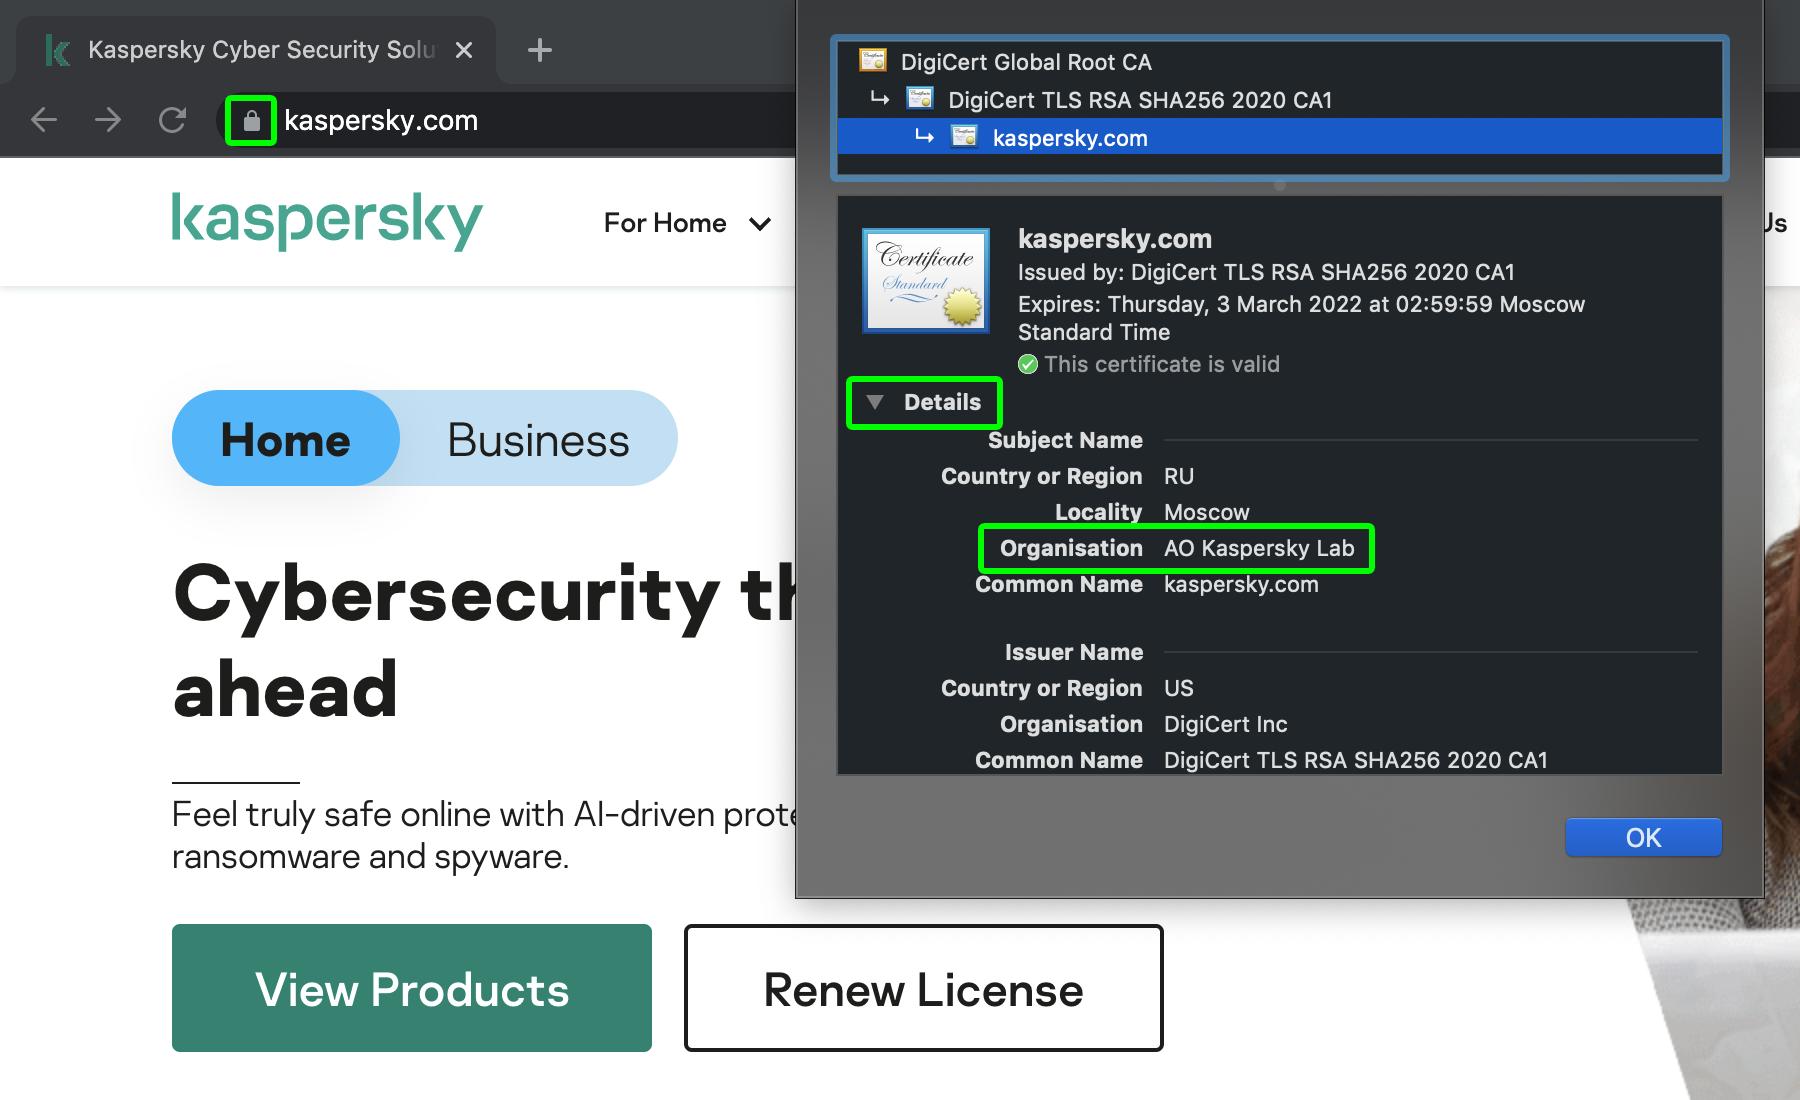 Inhaber einer Website überprüfen: Schauen Sie sich die Informationen zum SSL-Zertifikat an